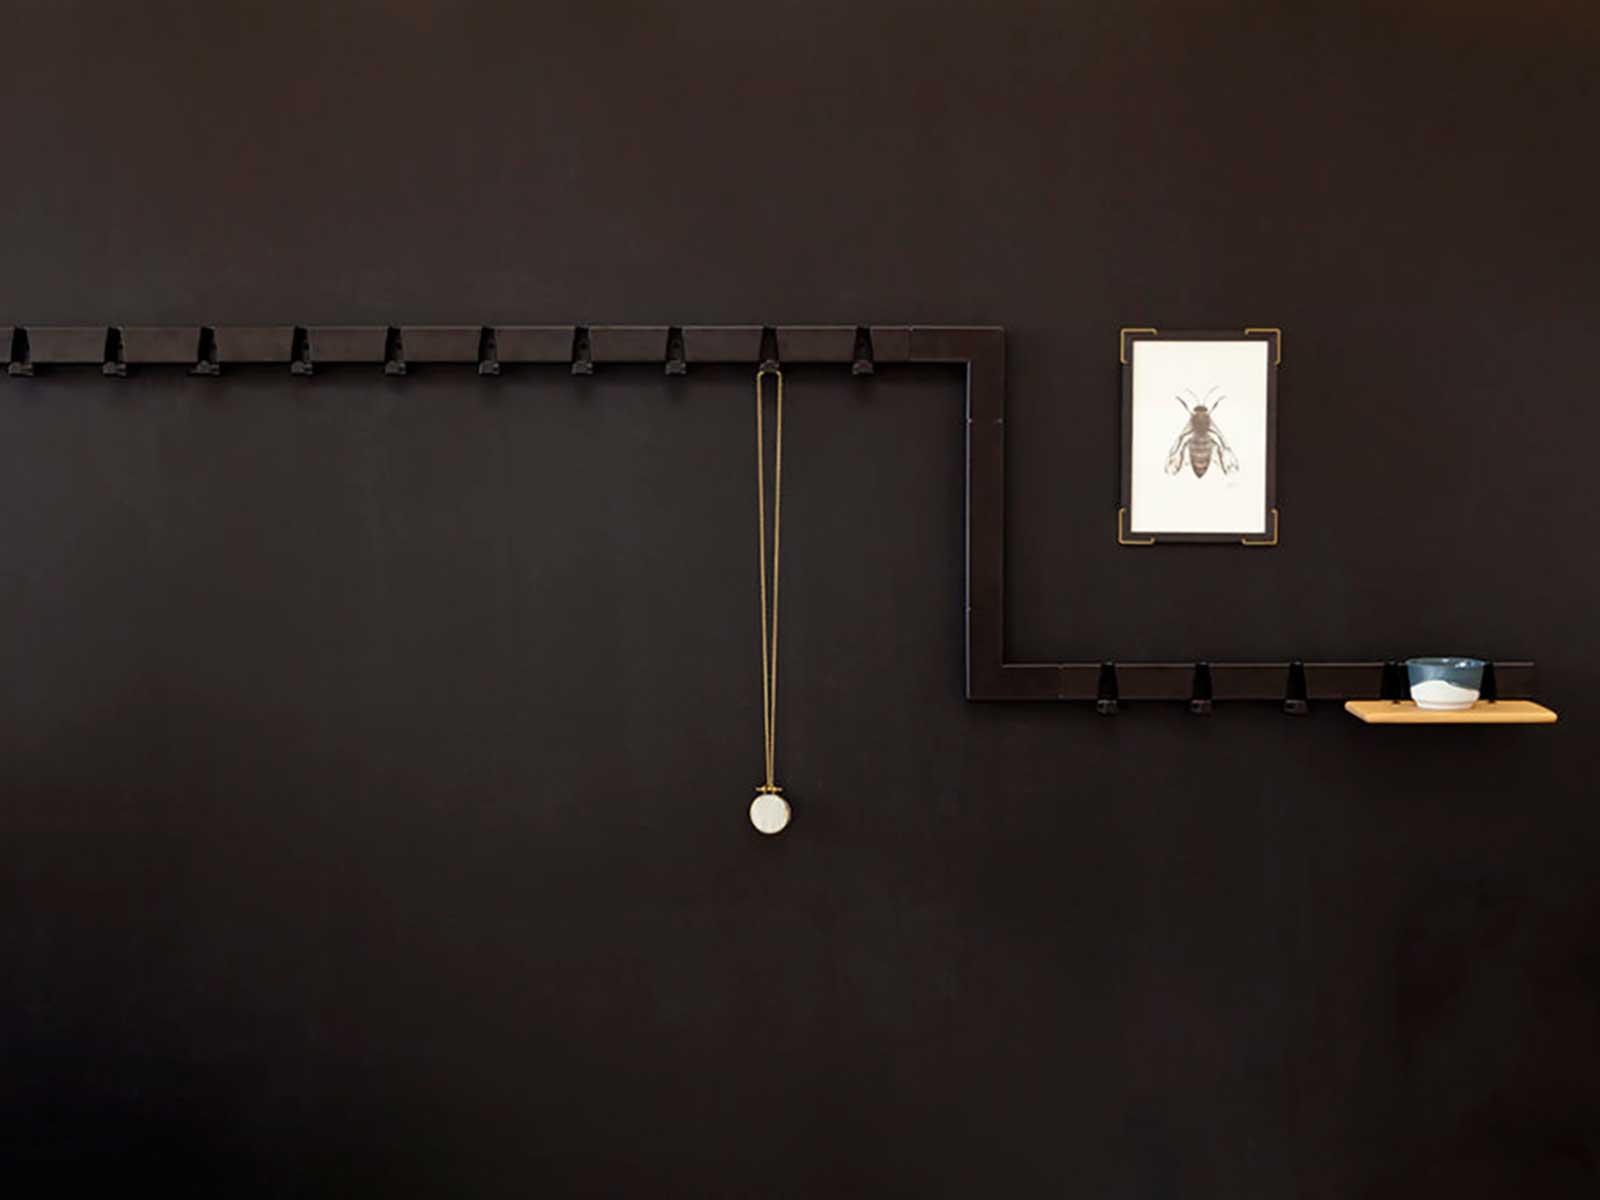 Coat Rack By The Meter Black